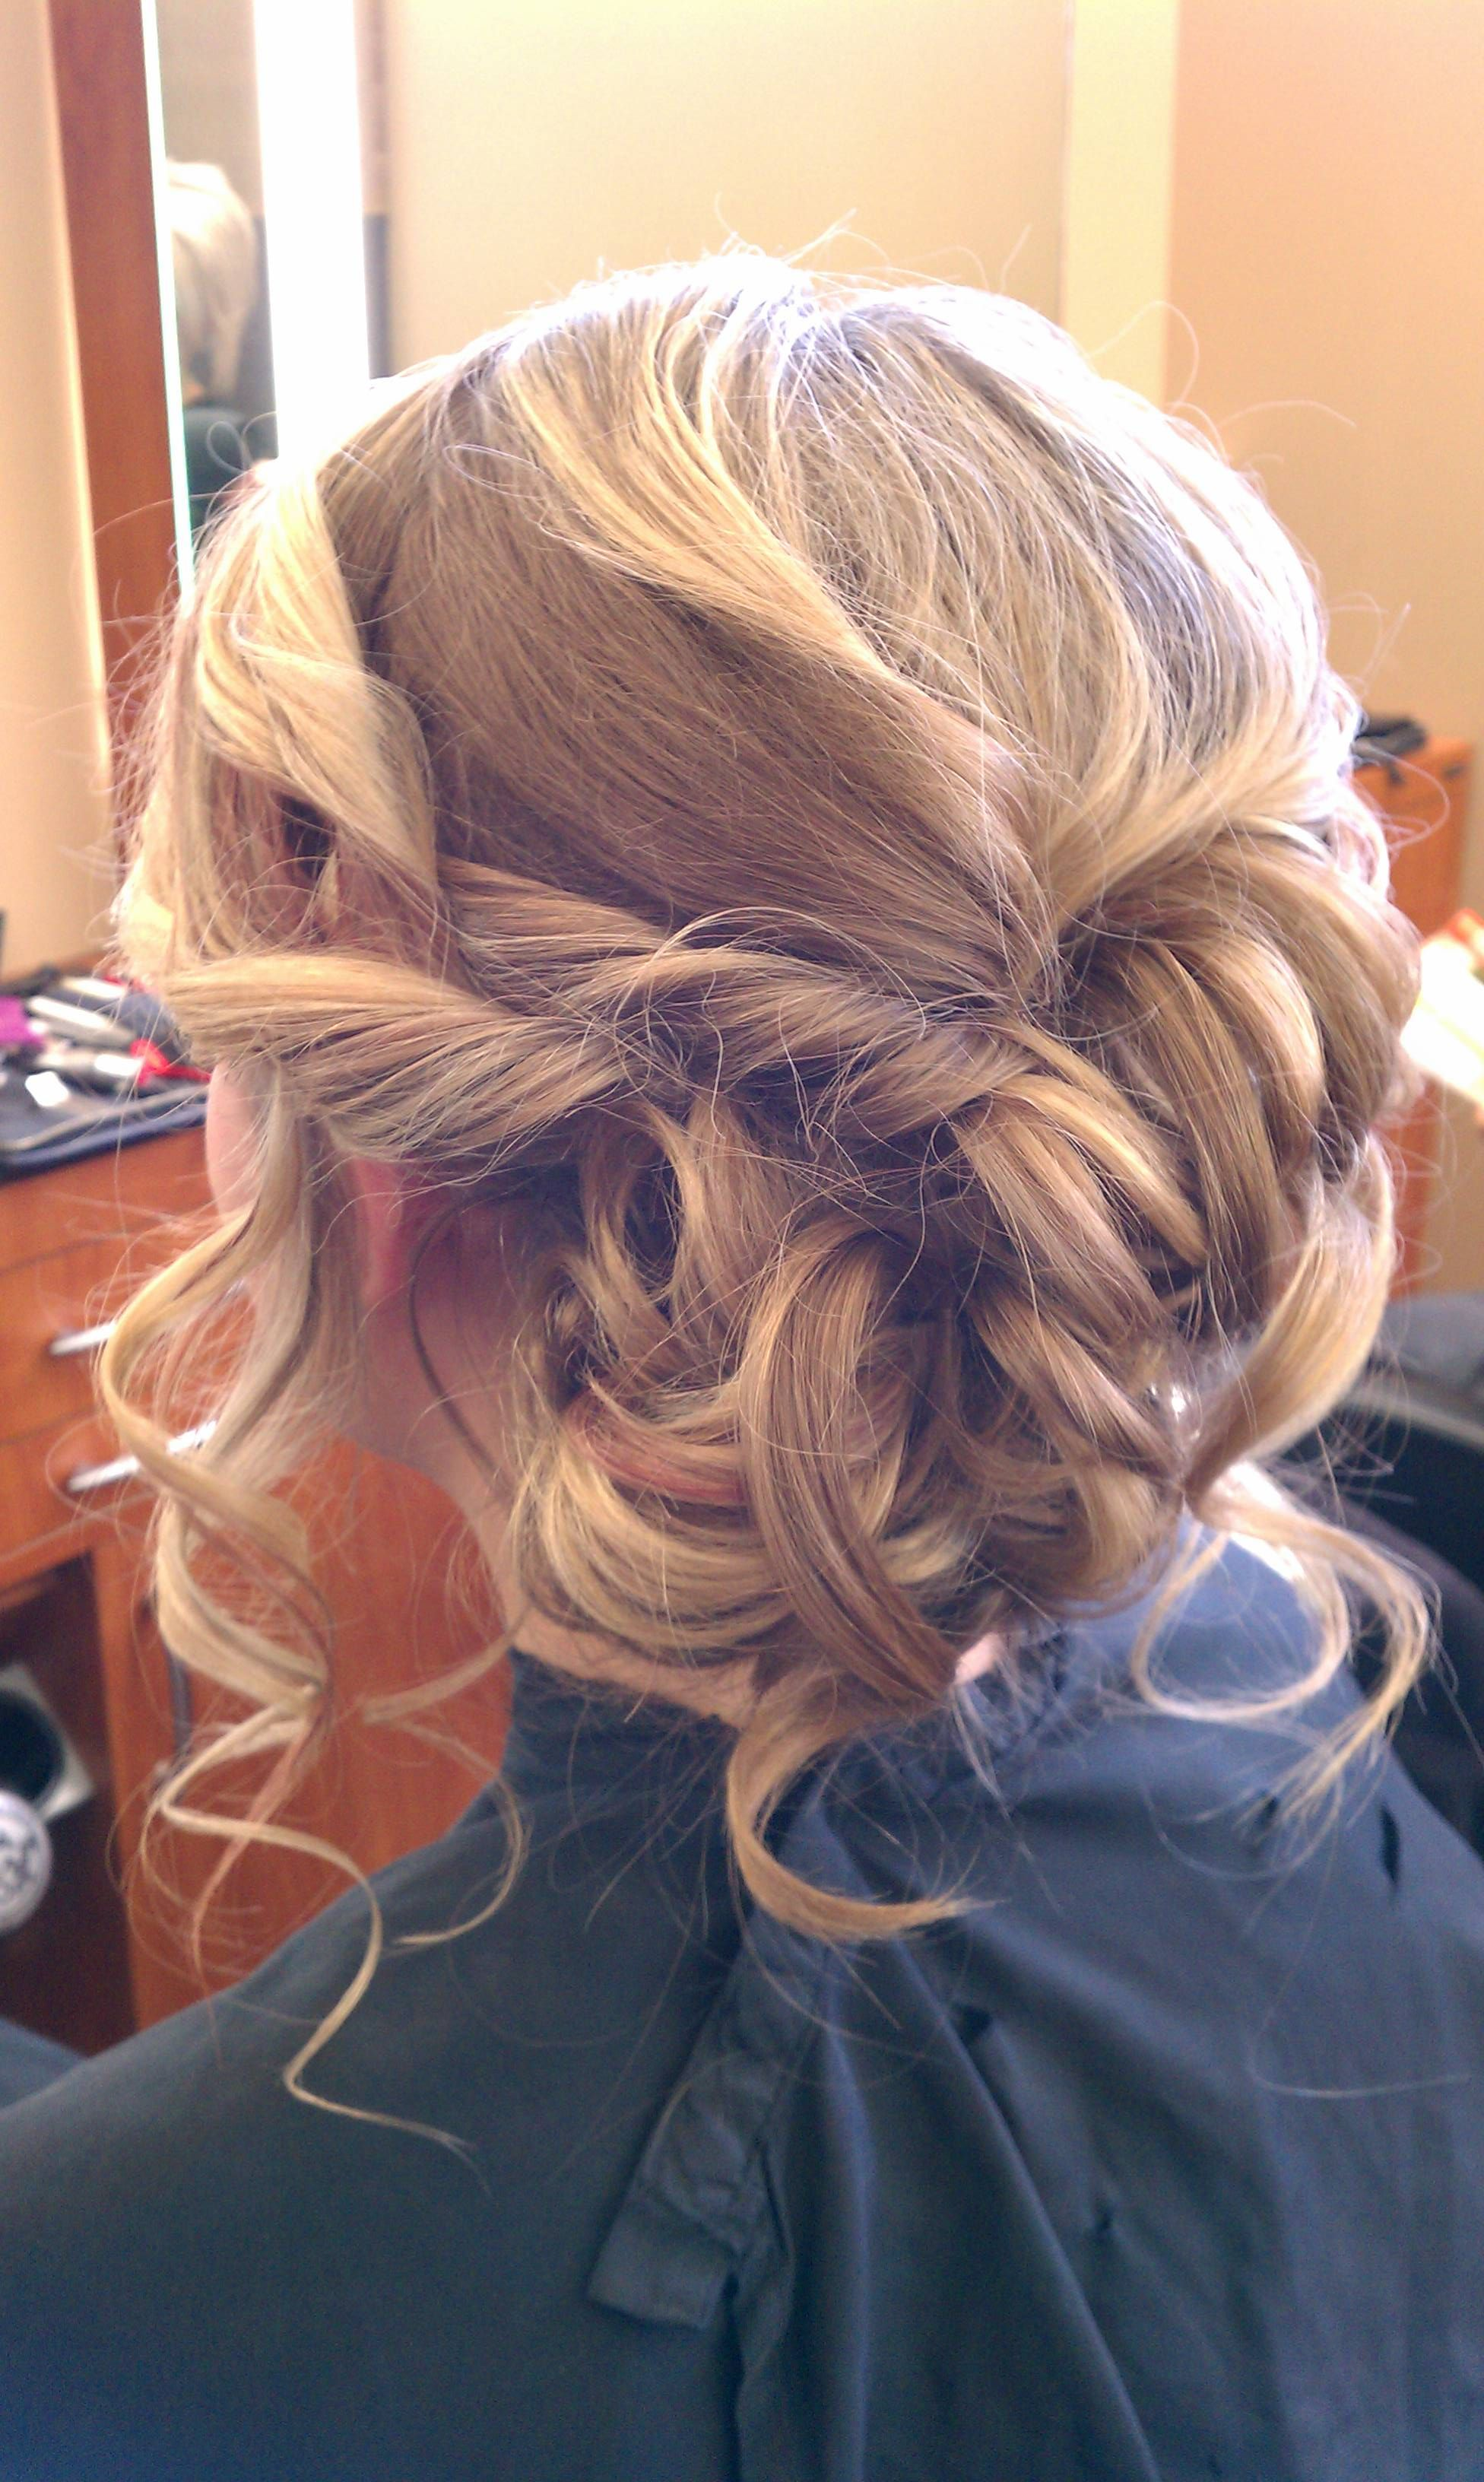 Prom, Homecoming, Wedding, Bridal, Bridesmaid, Low, Hair ...